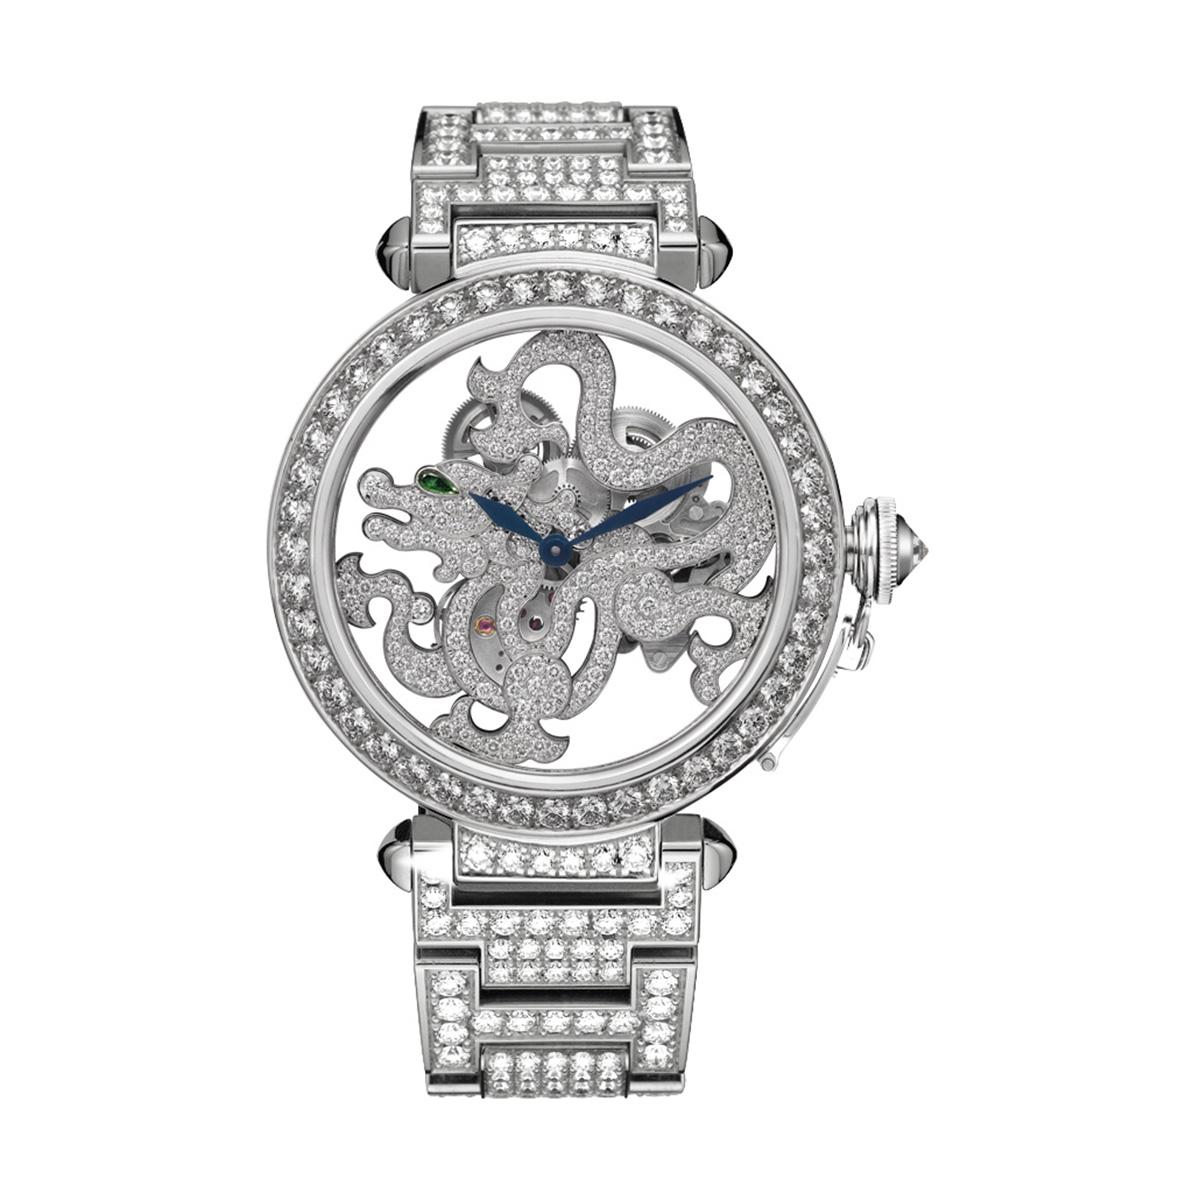 Pasha de Cartier Skeleton Dragon Motif watch, strap set with brilliant-cut diamonds; limited edition of 20 watchs, strap set with brilliant-cut diamonds